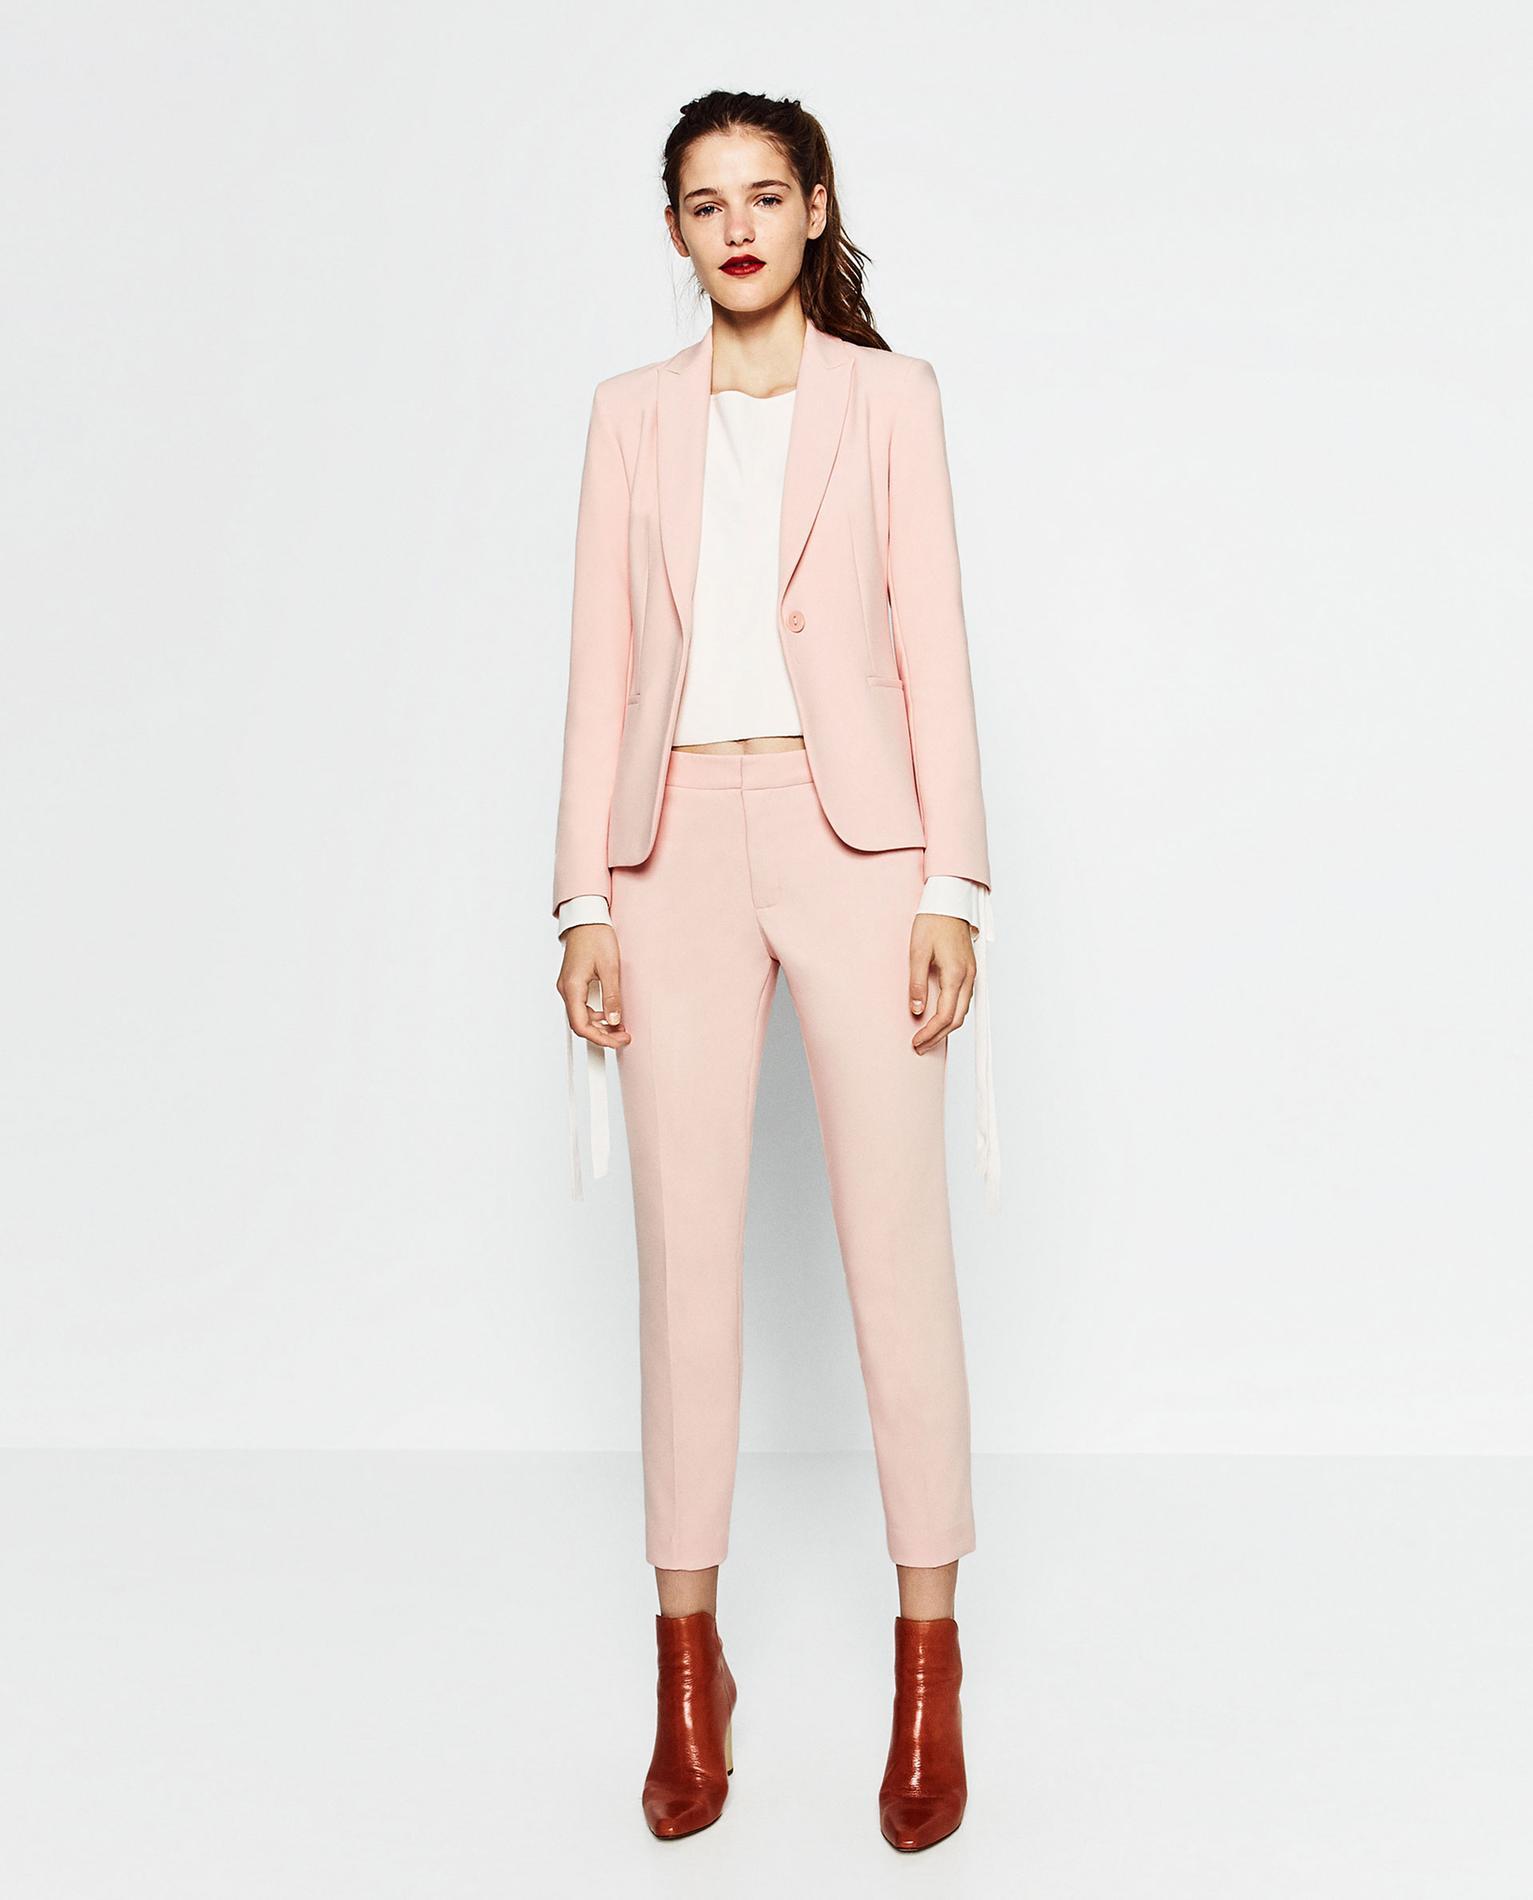 82607f9b631 Ces marques qui réhabilitent le tailleur pour working girl - Madame ...